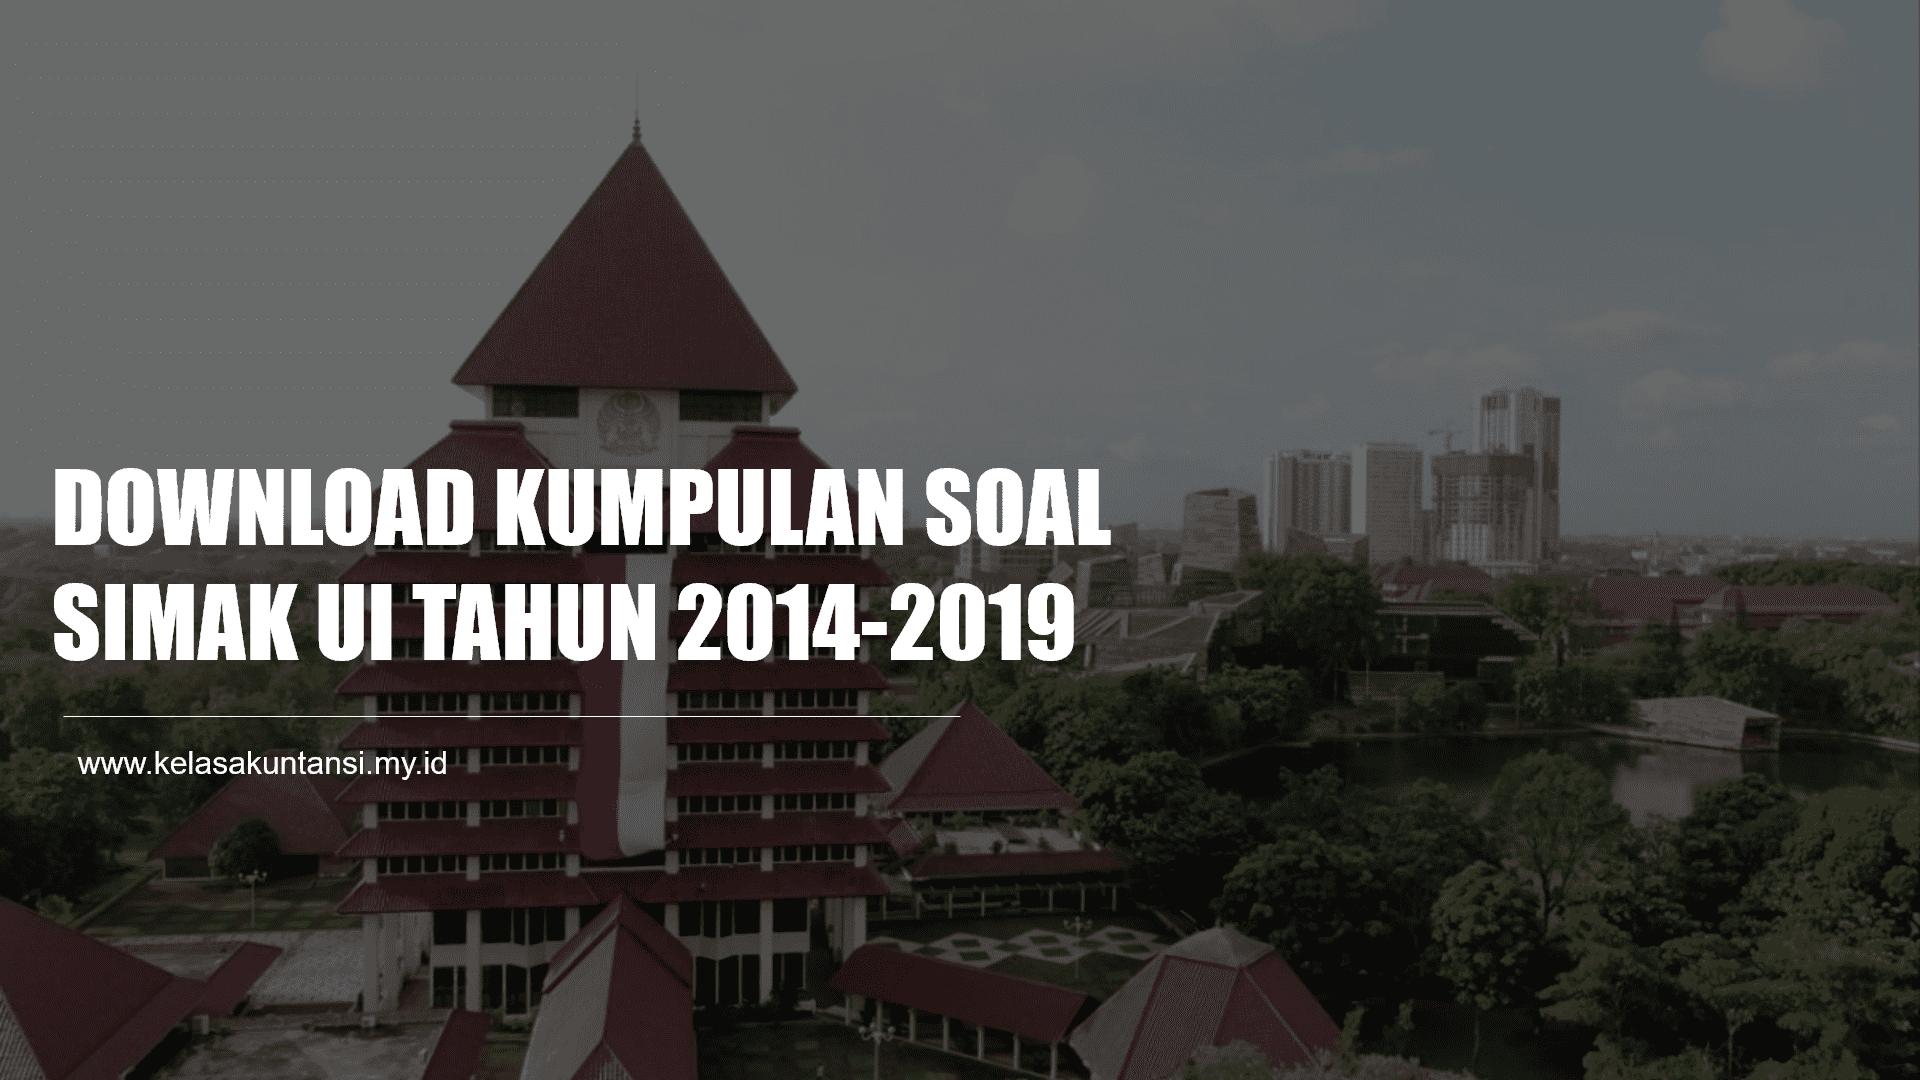 Download Kumpulan Soal Prediksi SIMAK UI 2022/2023